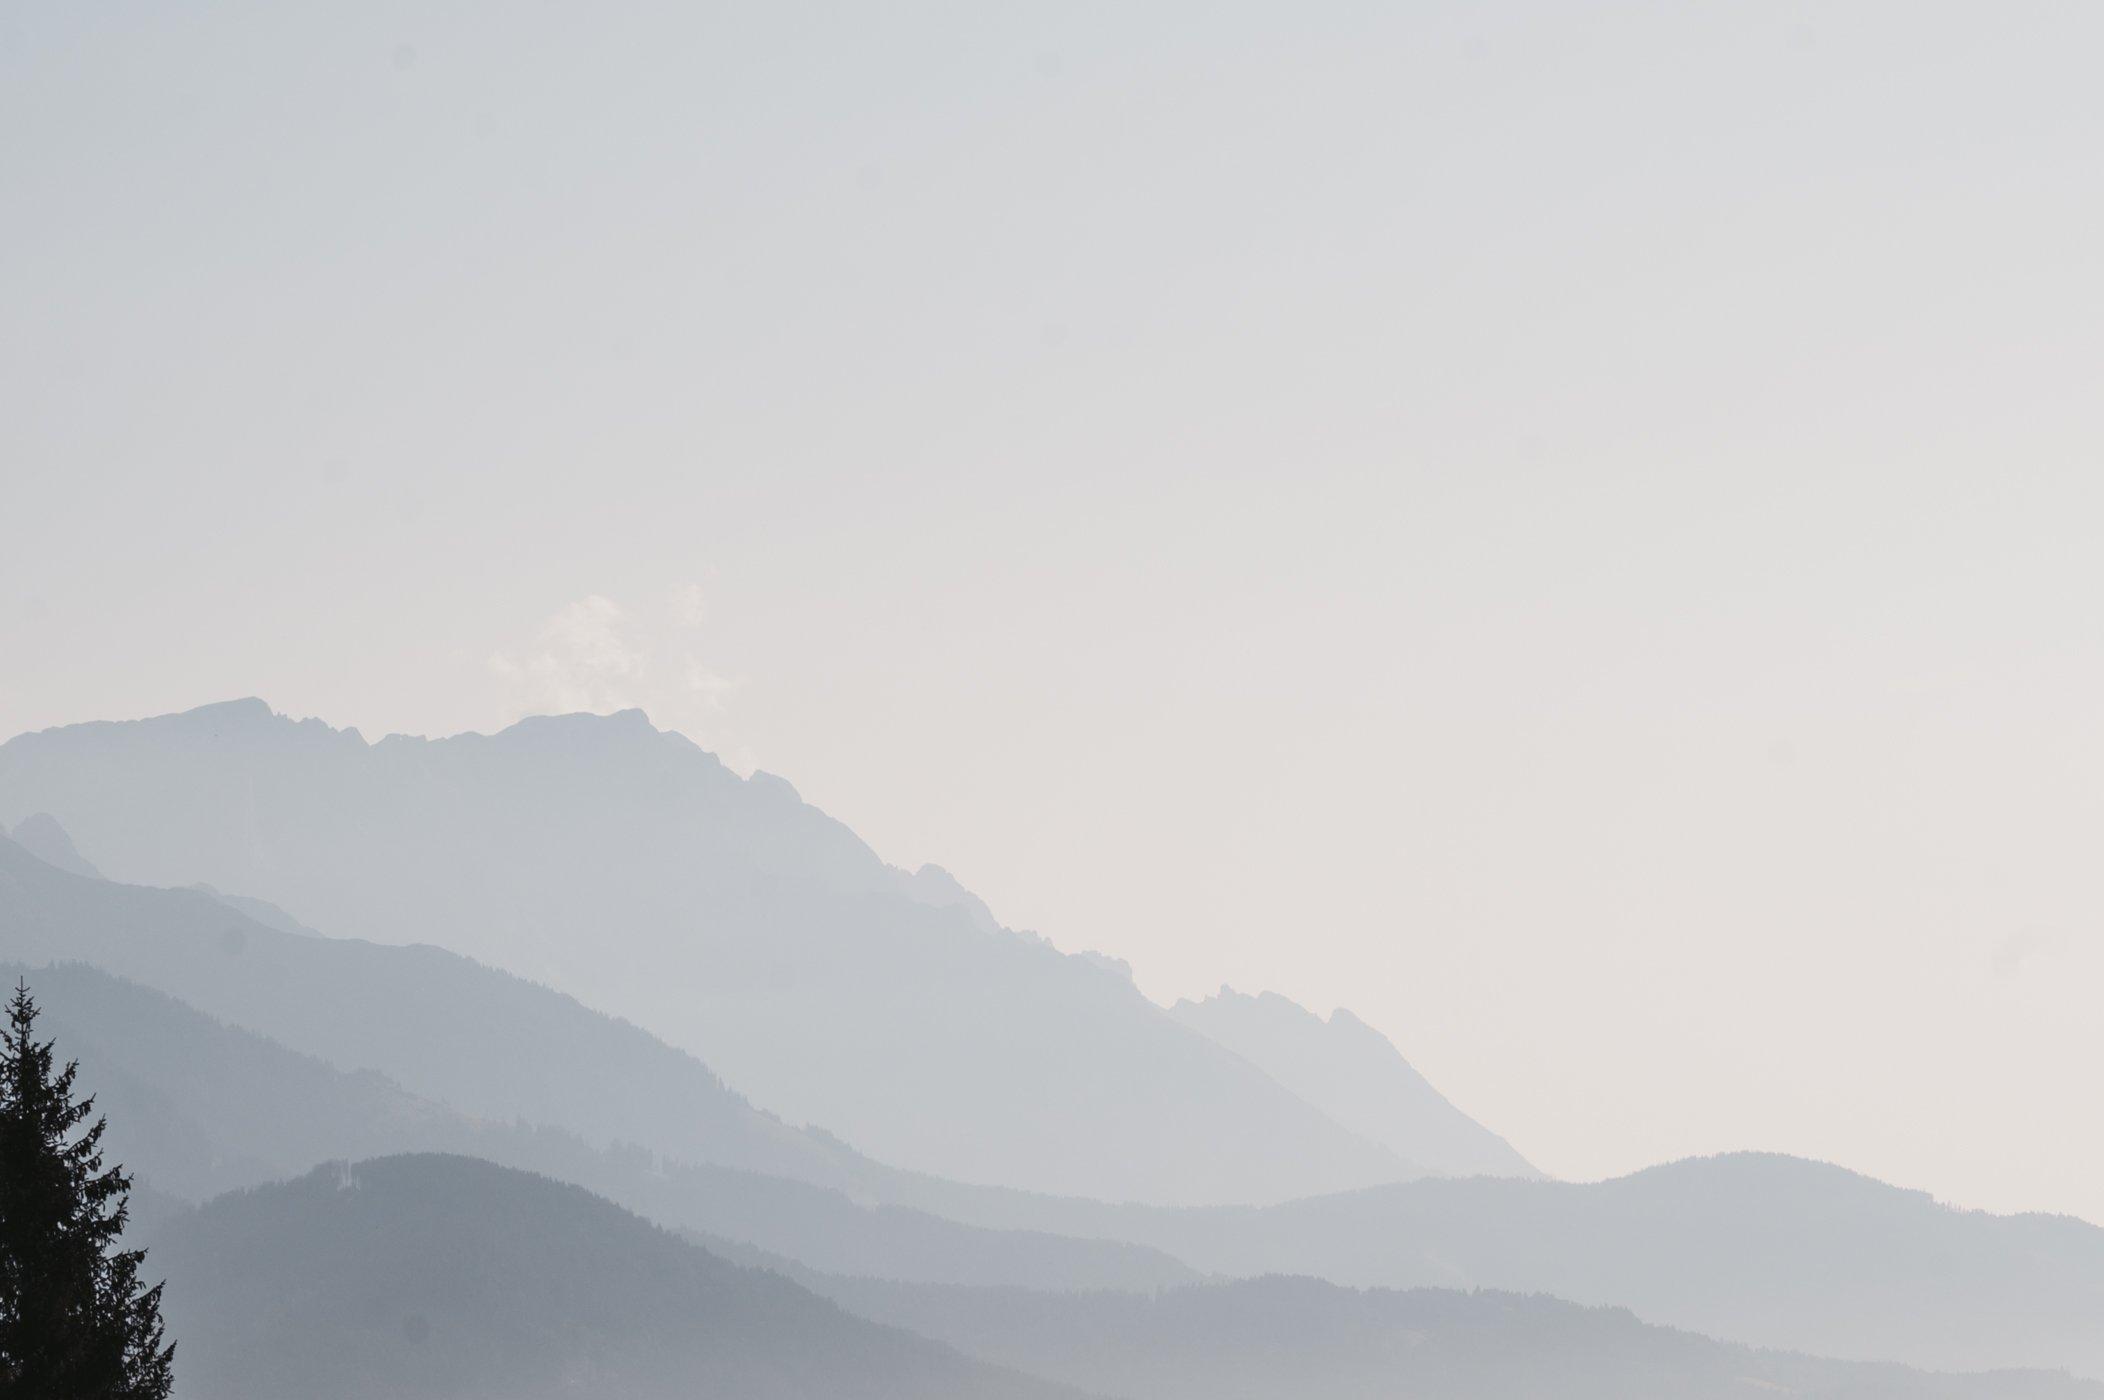 Leogang Steinernes Meer mountain range